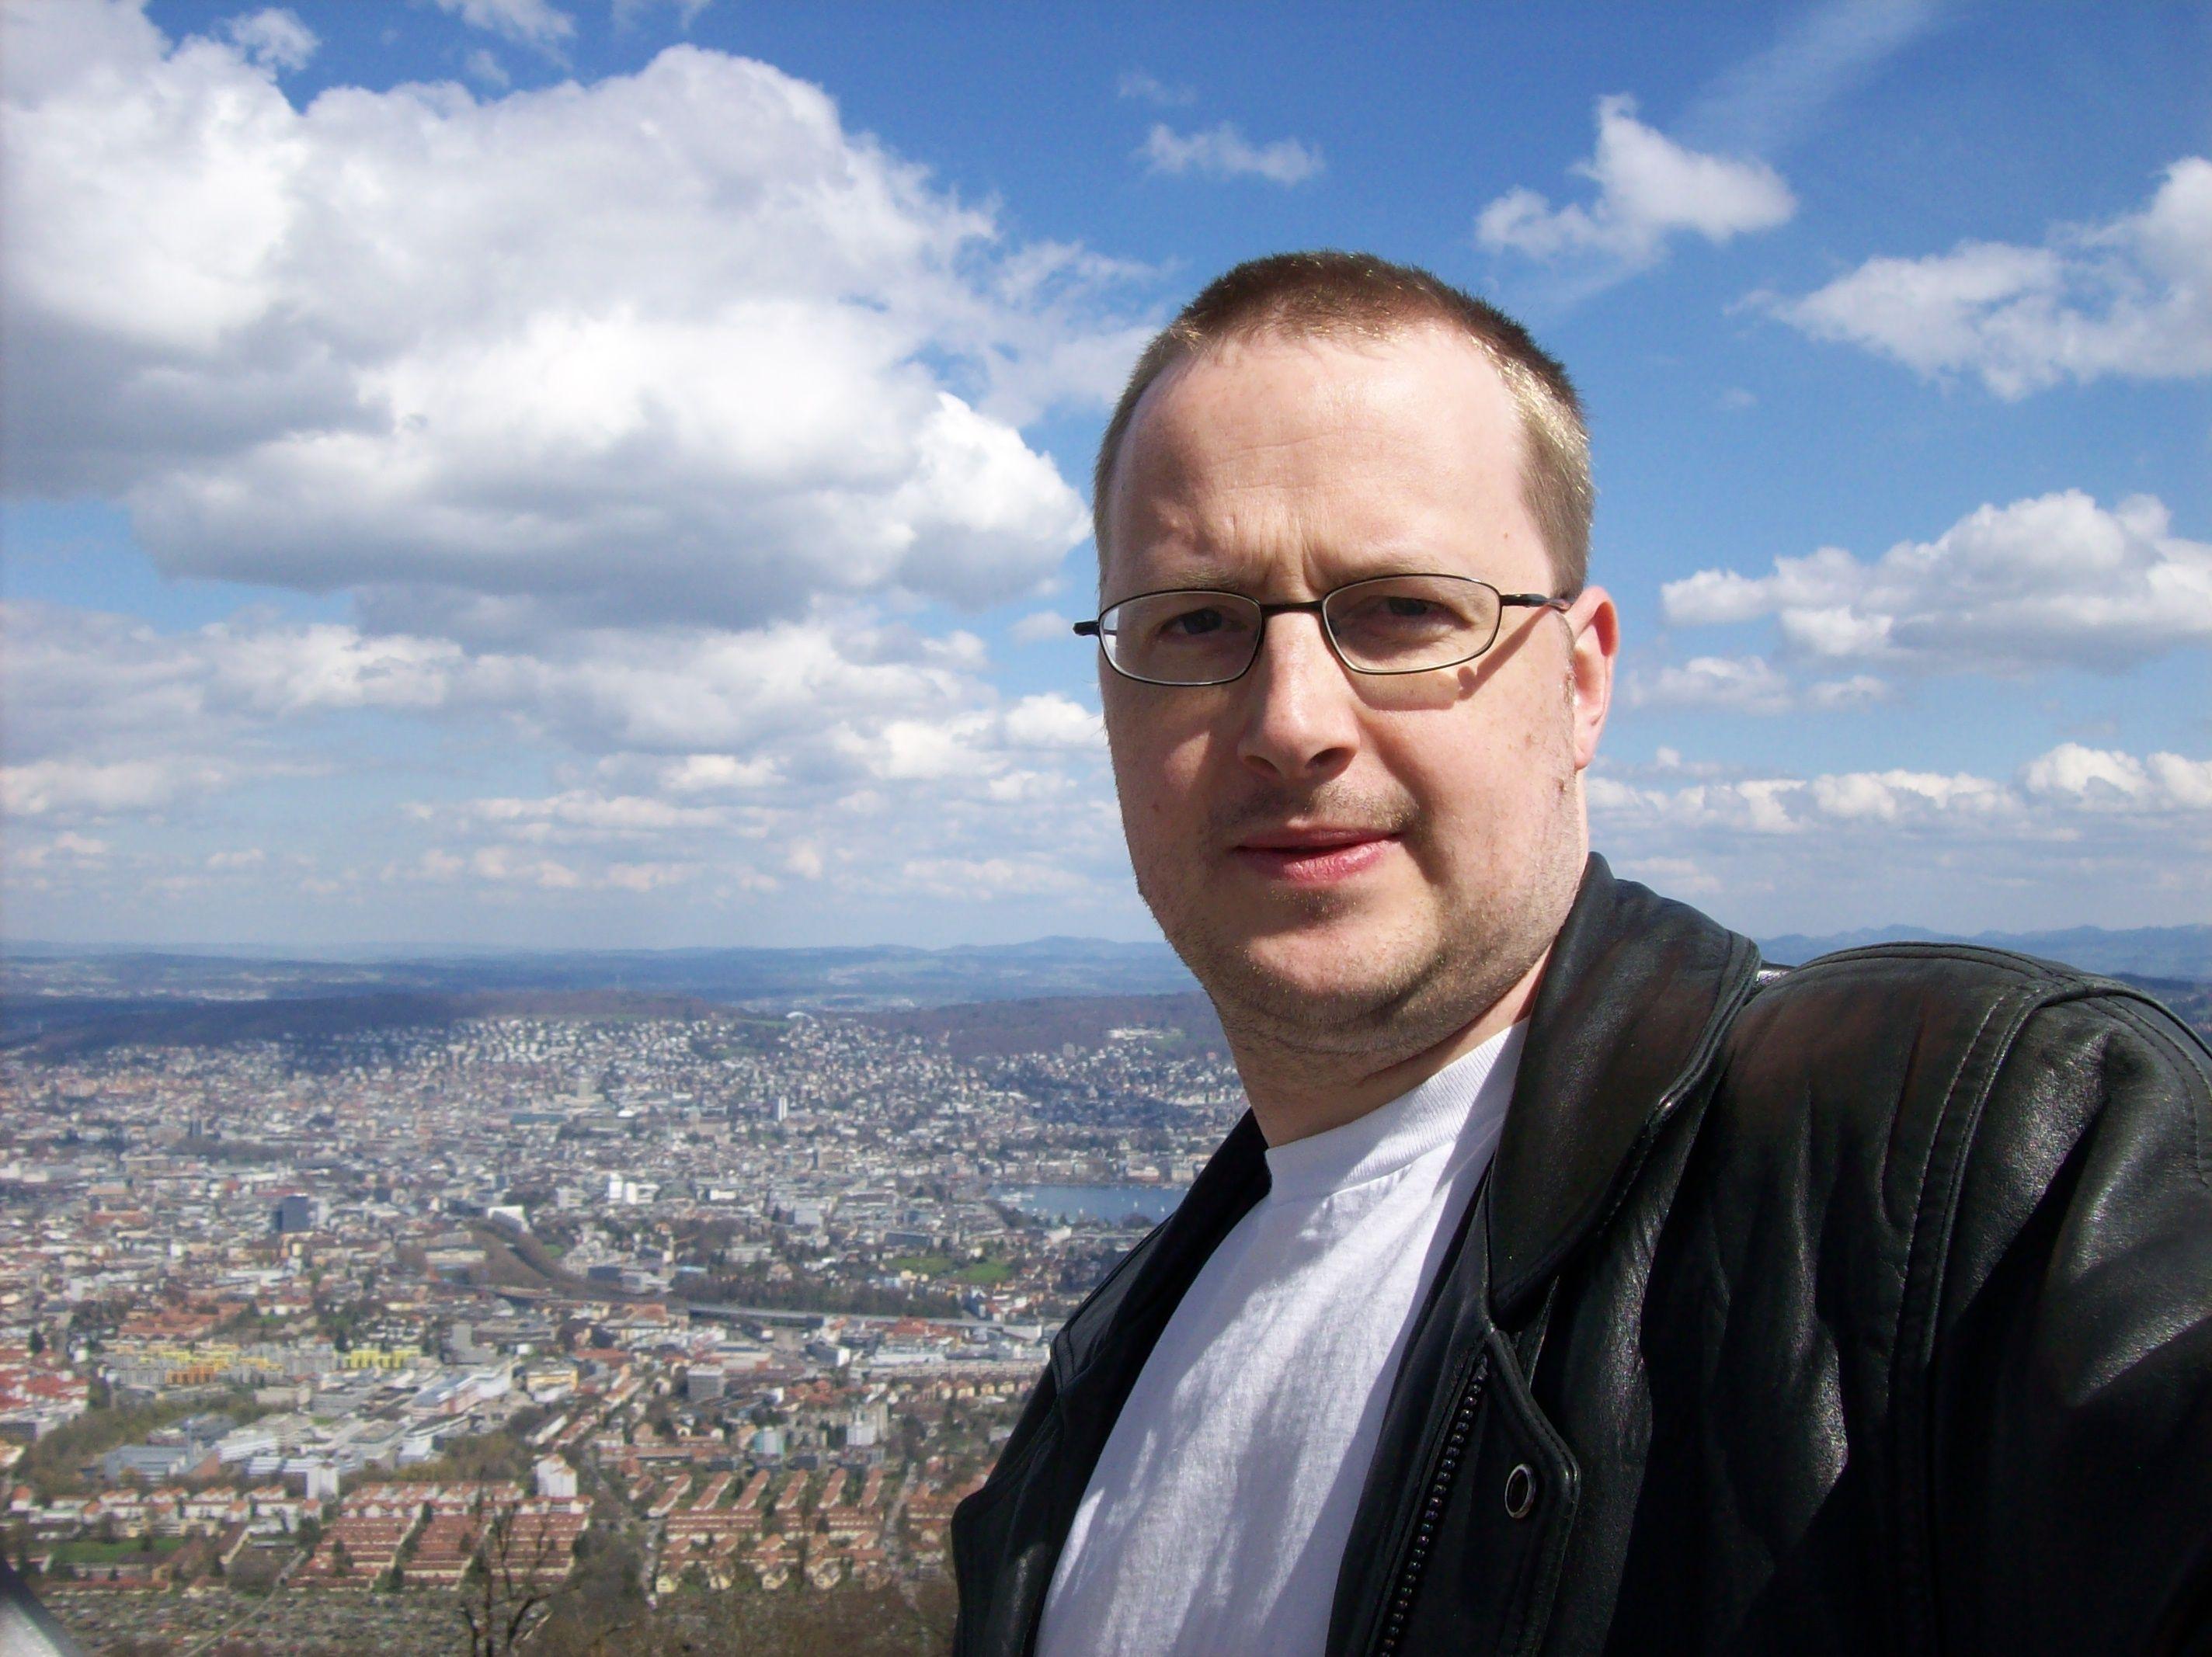 Aaron Hoos in Zurich Switzerland in 2008